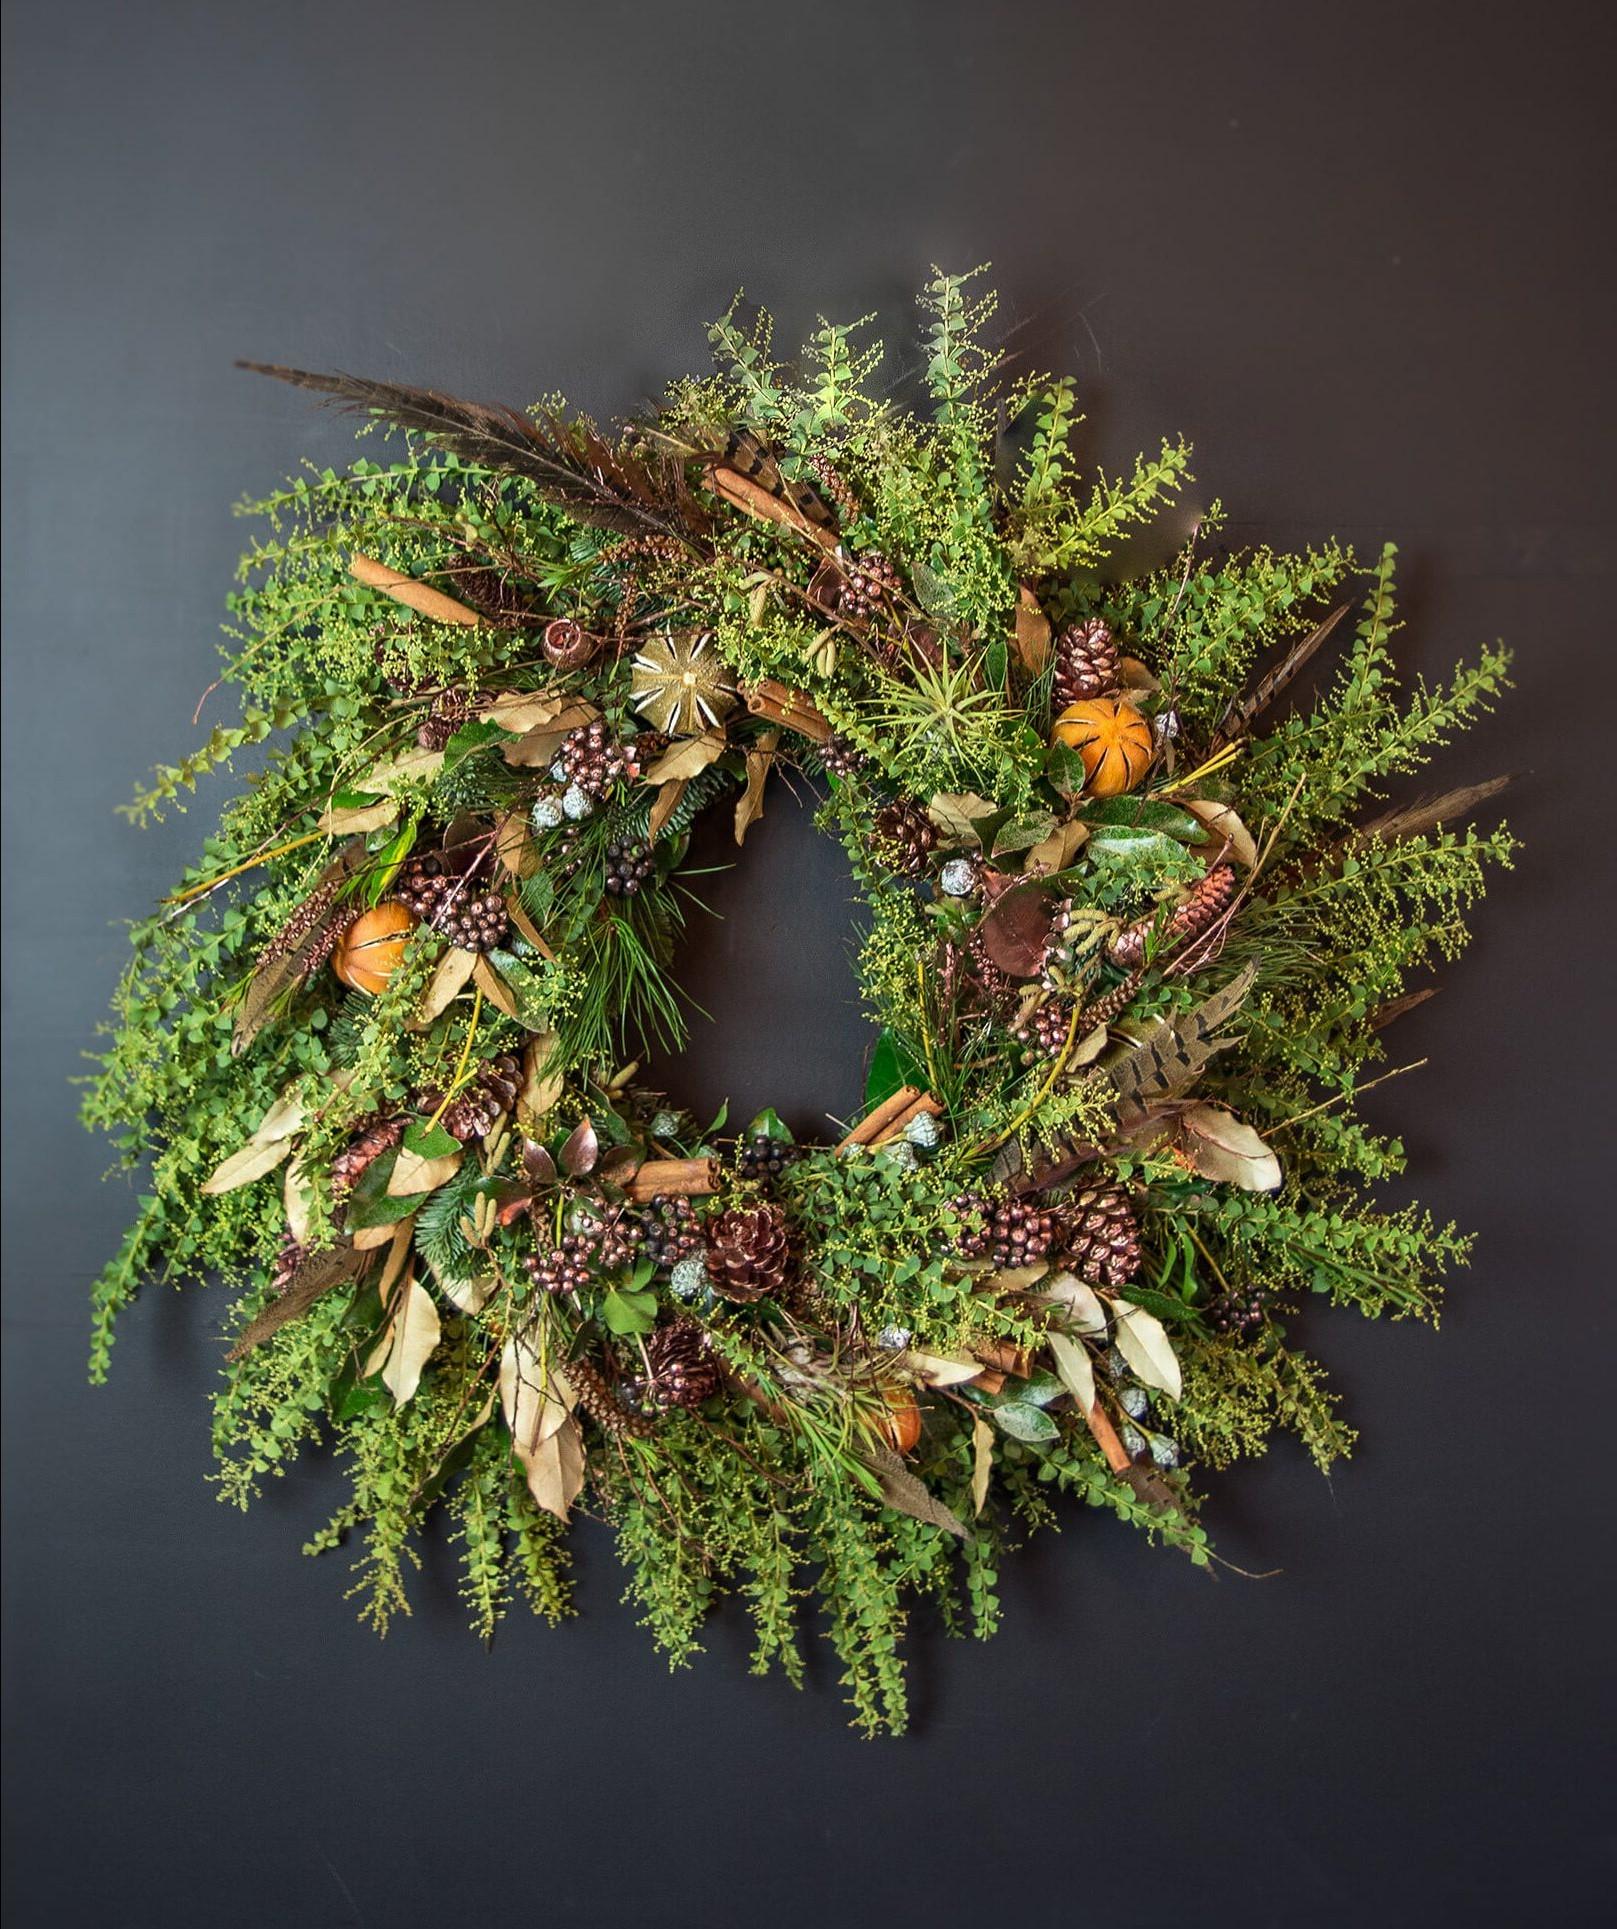 Décoration de Noël naturelle avec de la verdure, des pommes de pin et des feuilles d'automne.